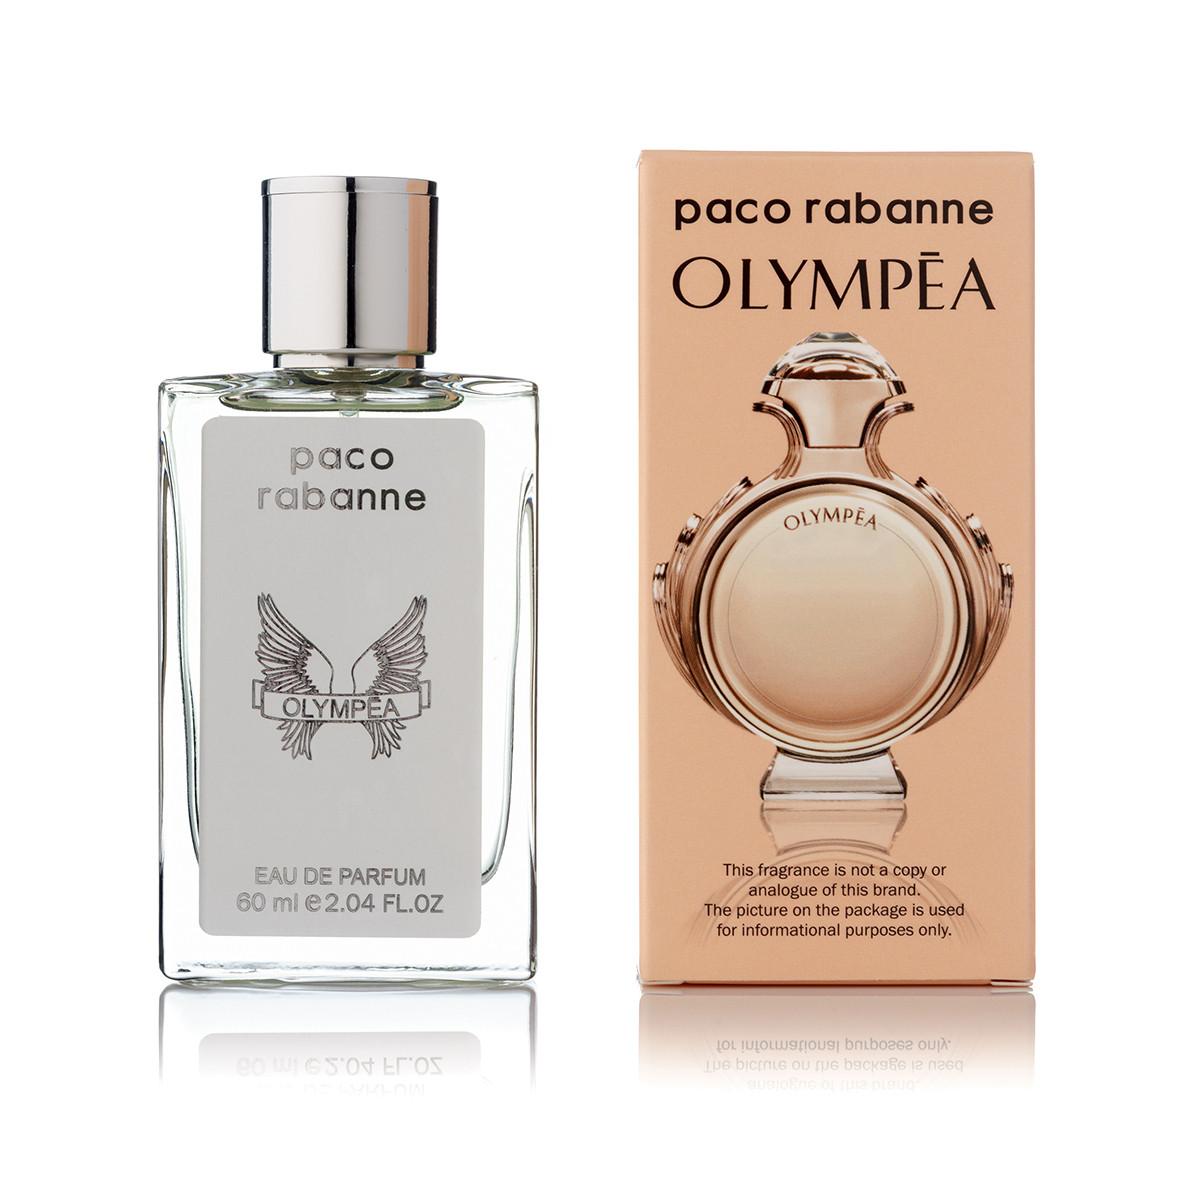 60 мл мини парфюм PACO RABANNE Olympea - (Ж)